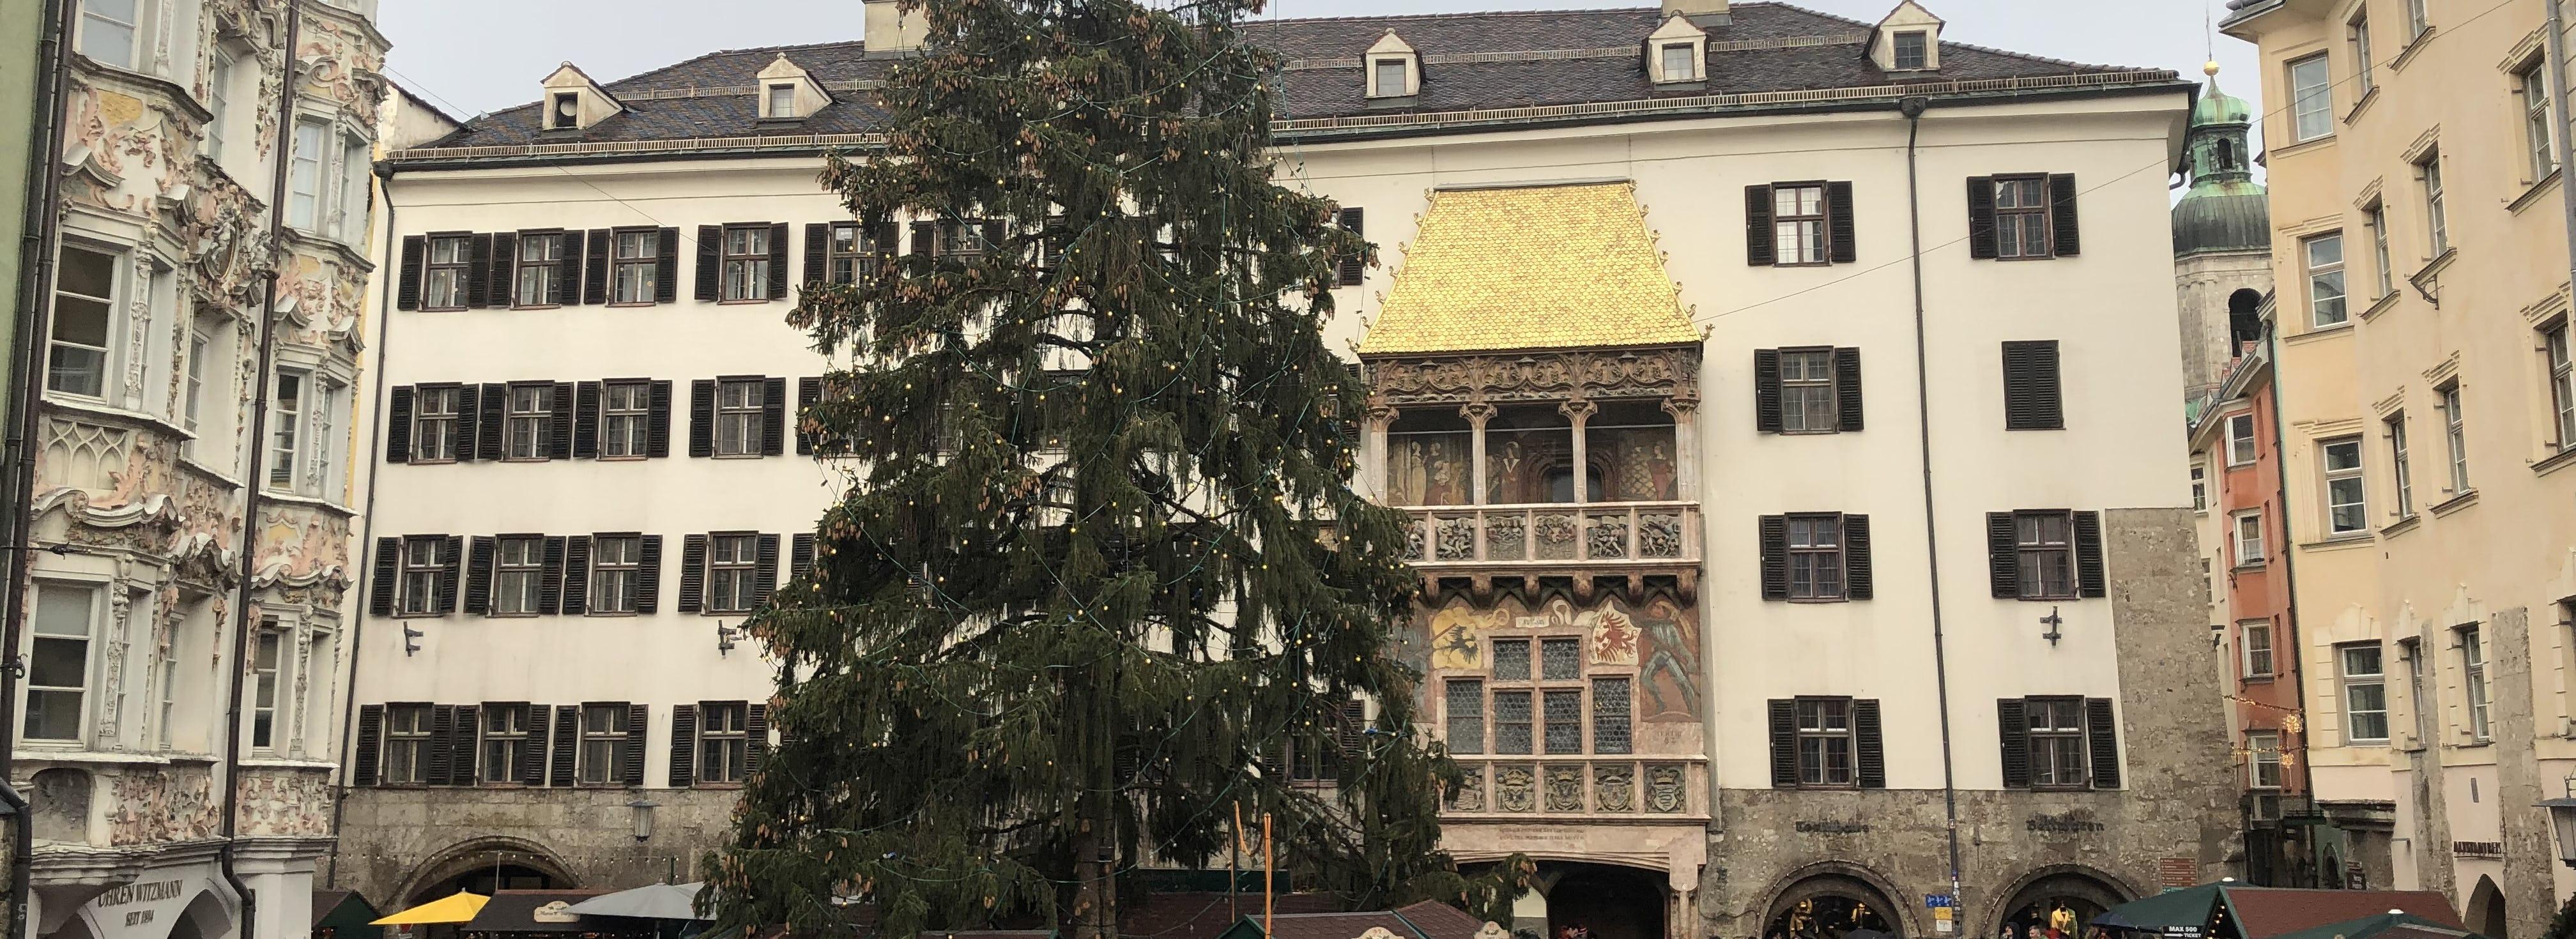 Innsbruck goldenes Dach Ramsauer Carreisen